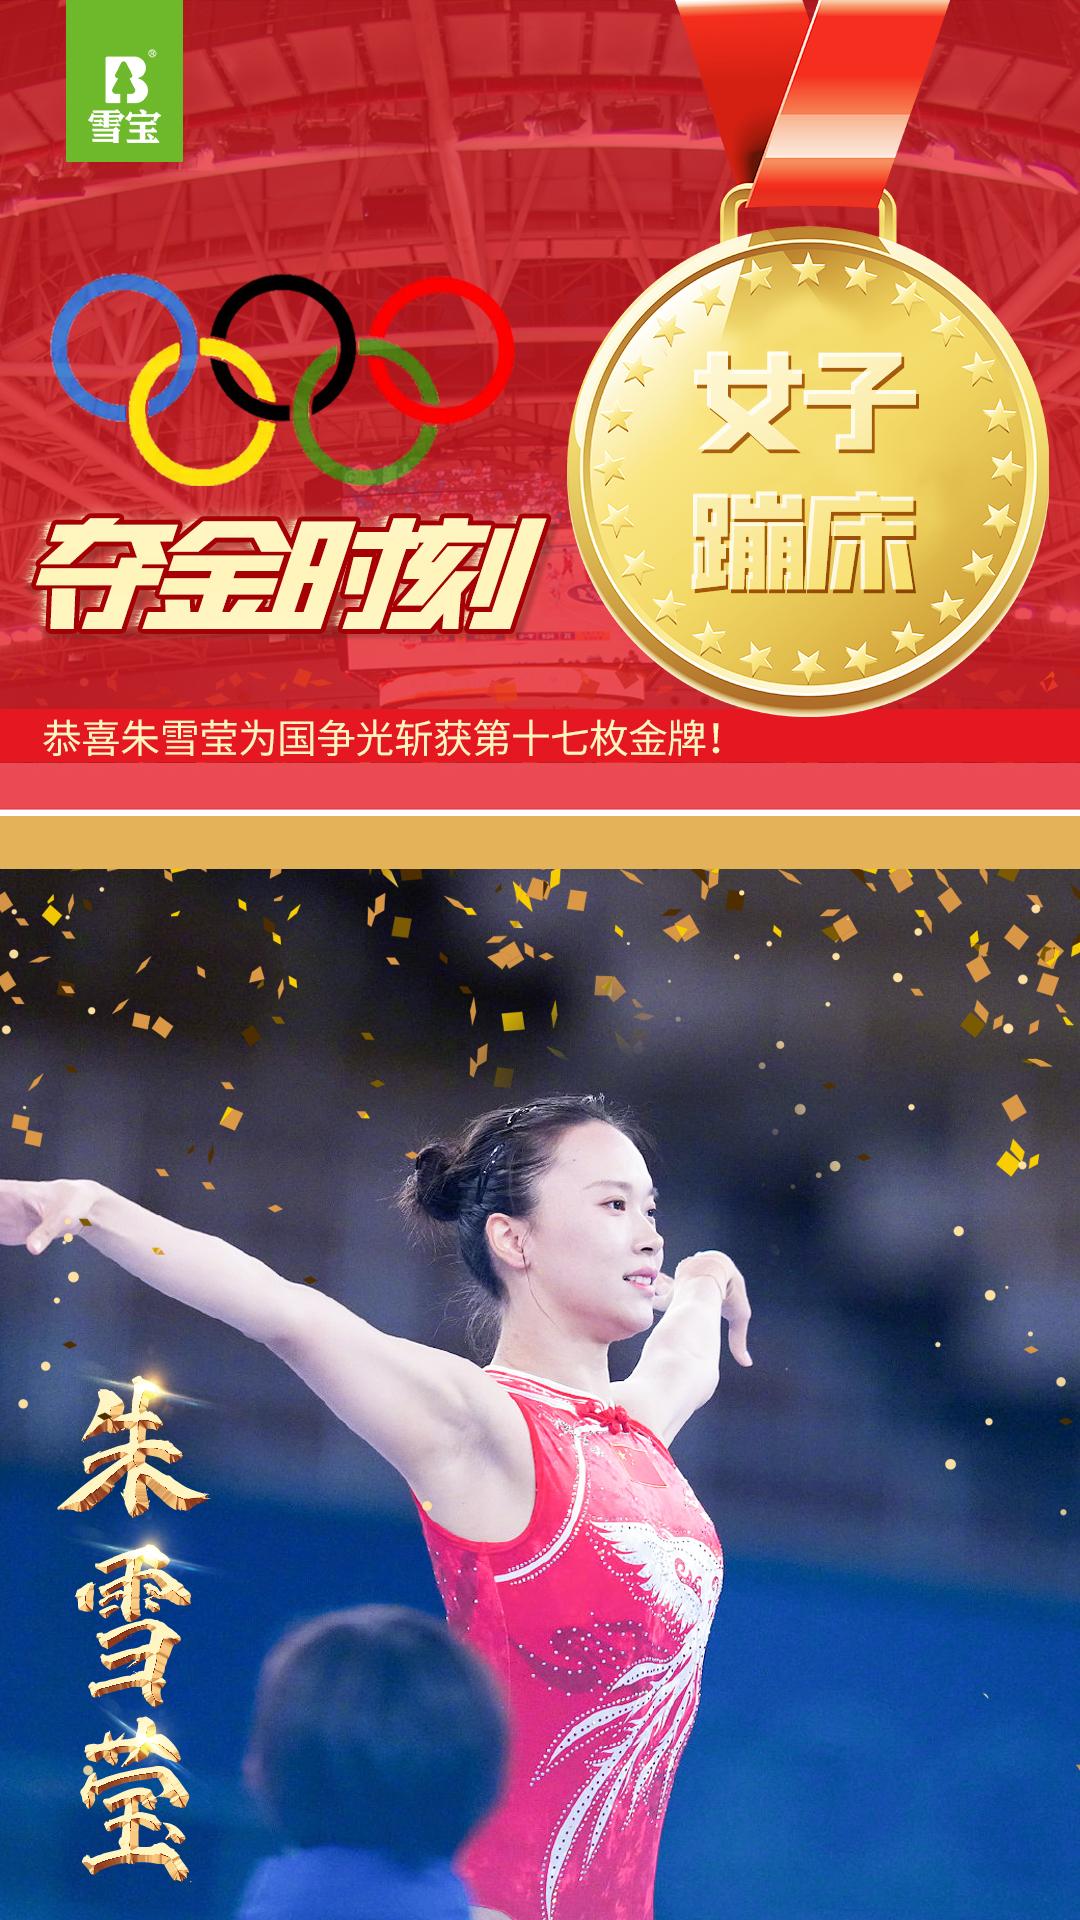 朱雪莹女子蹦床冠军